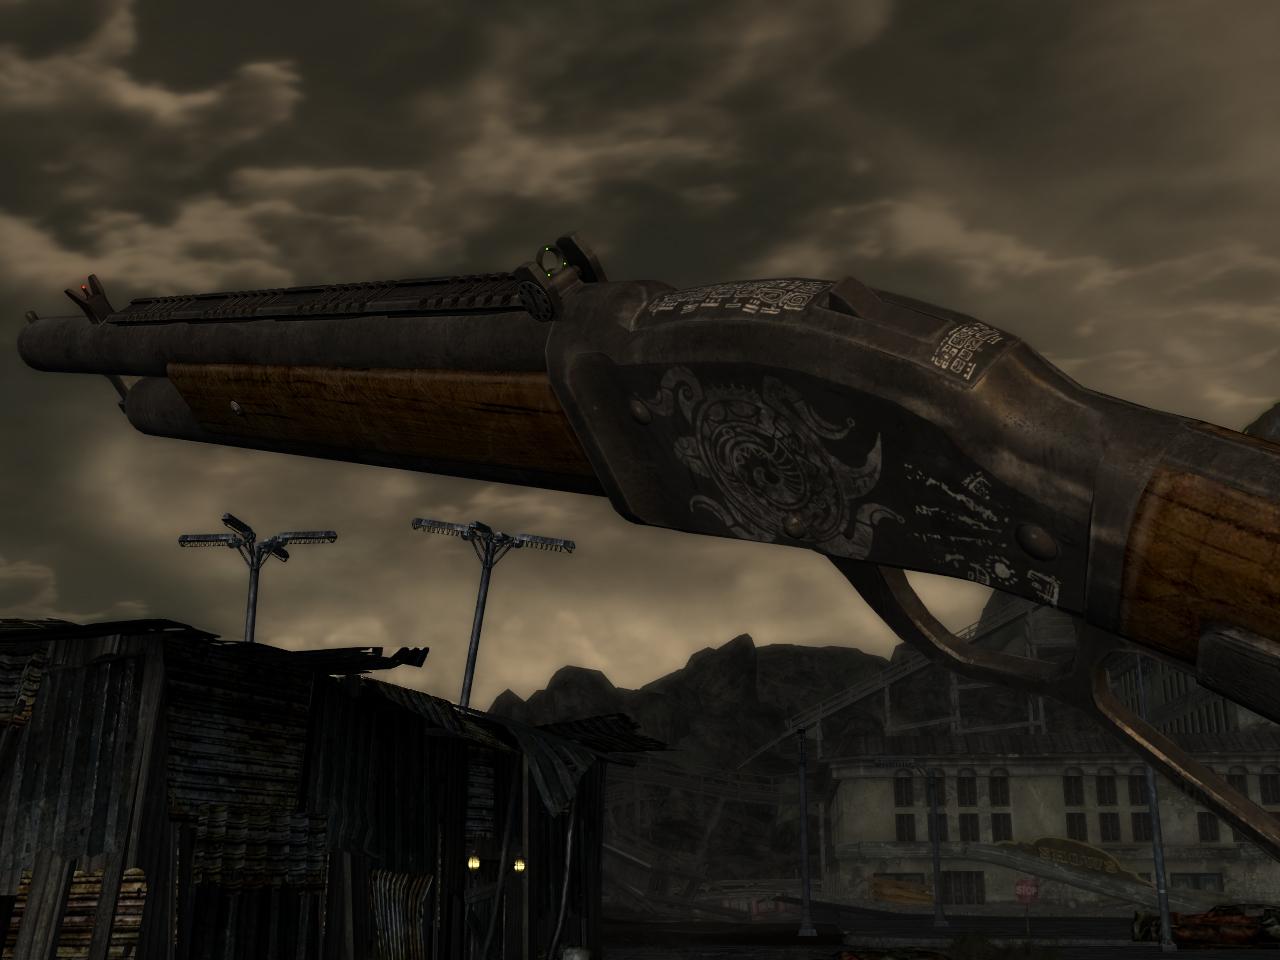 """Уникальный дробовик """"Шибальба"""" для Fallout New Vegas для Fallout: New Vegas - Скриншот 2"""